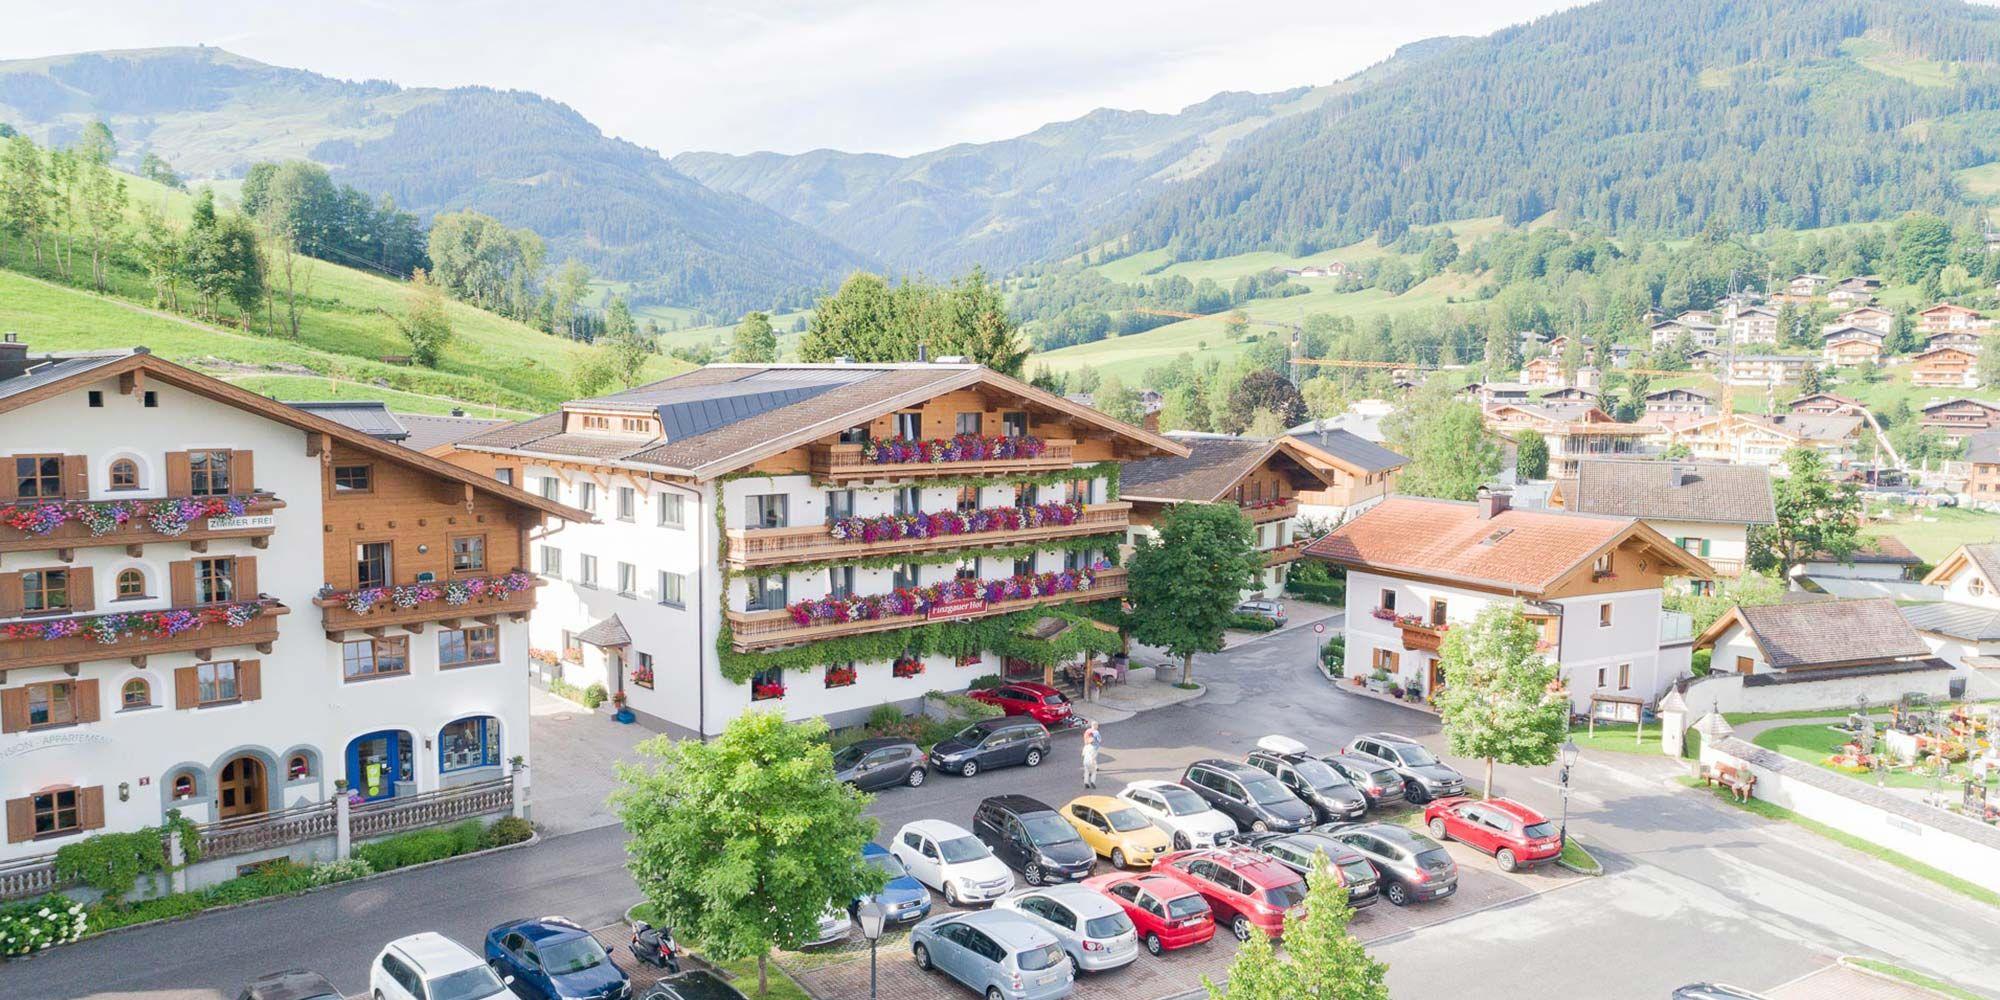 Hotel Der Almhof in Hinterthal | Maria Alm - Region Hochknig